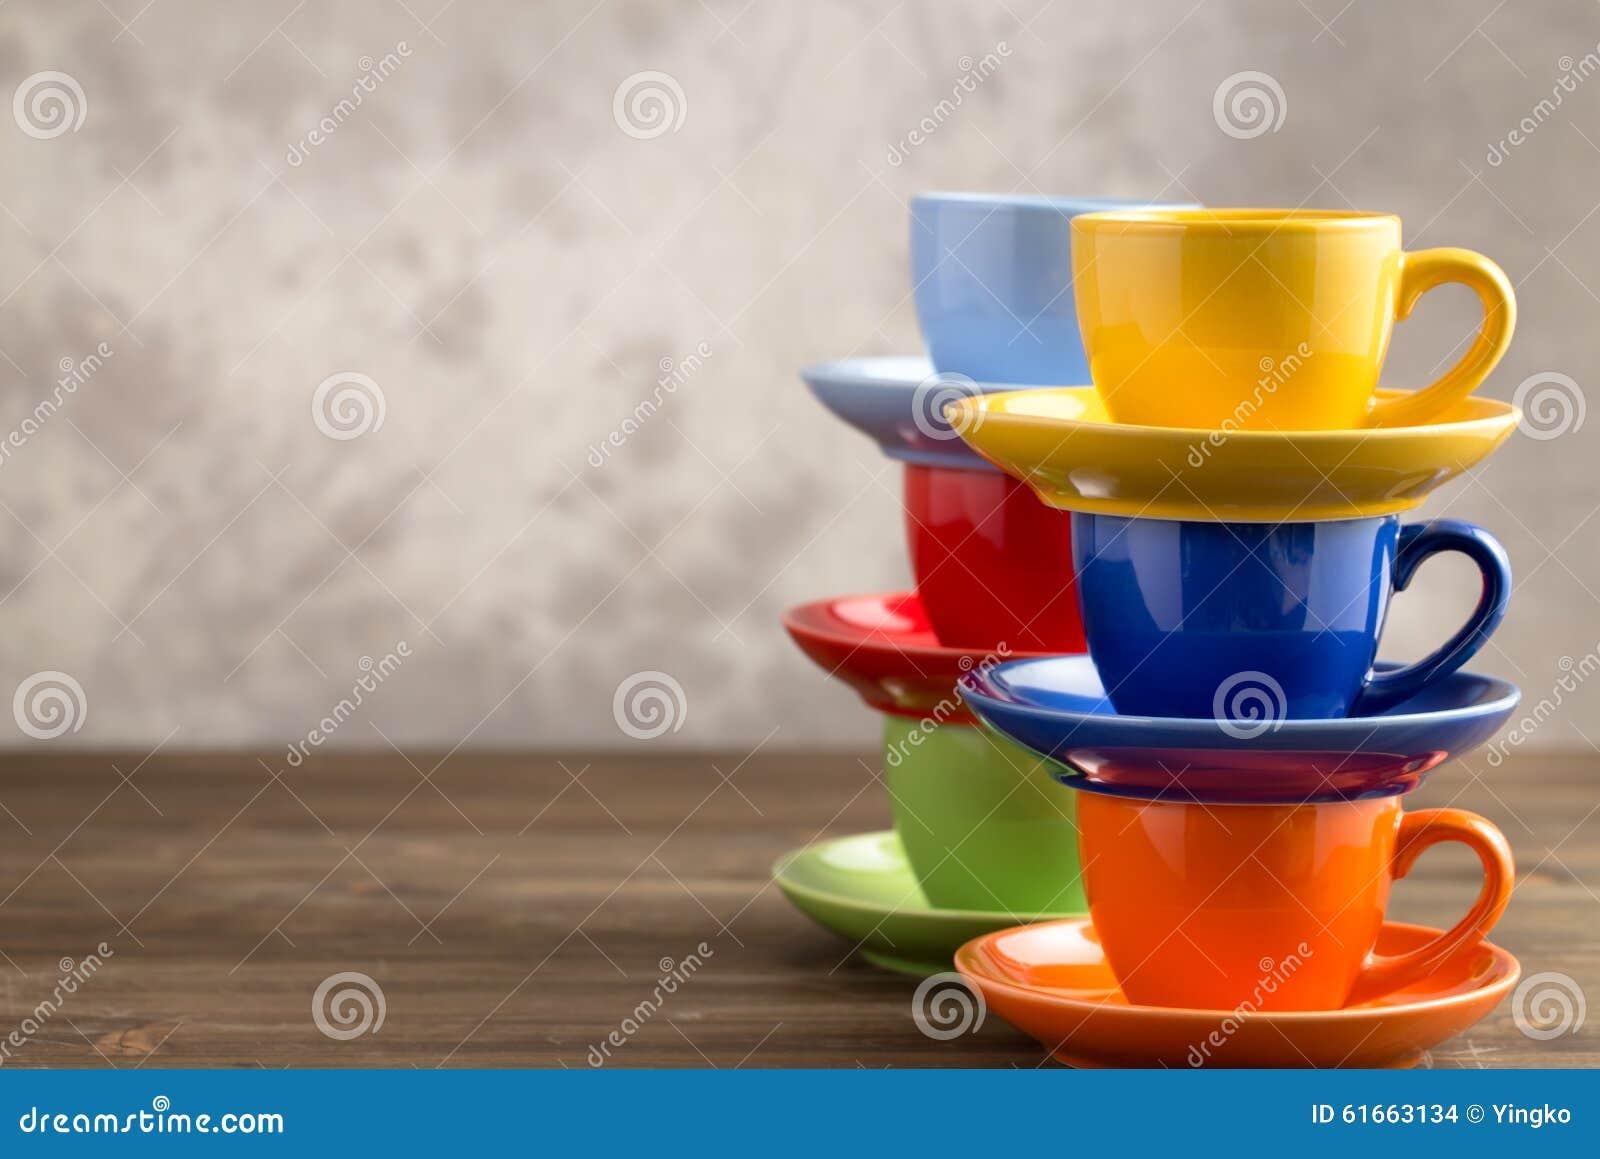 Två mångfärgade koppar för buntar på tabellen från rätsida